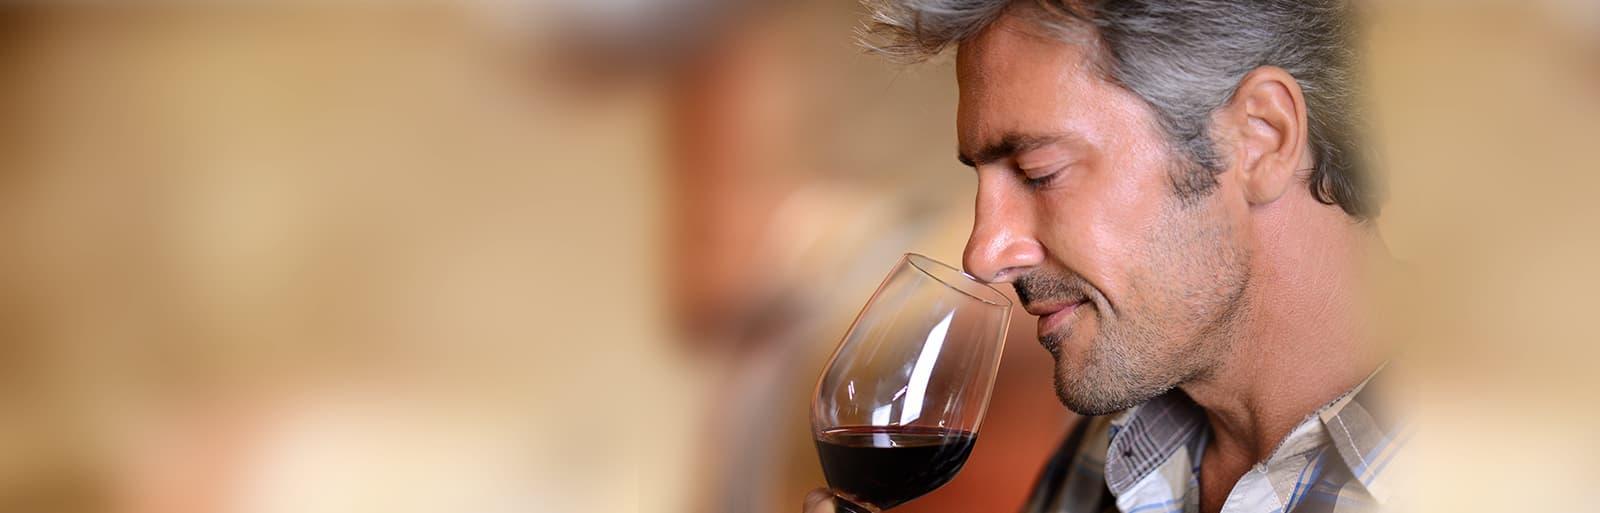 La gestion de votre point de vente viticole